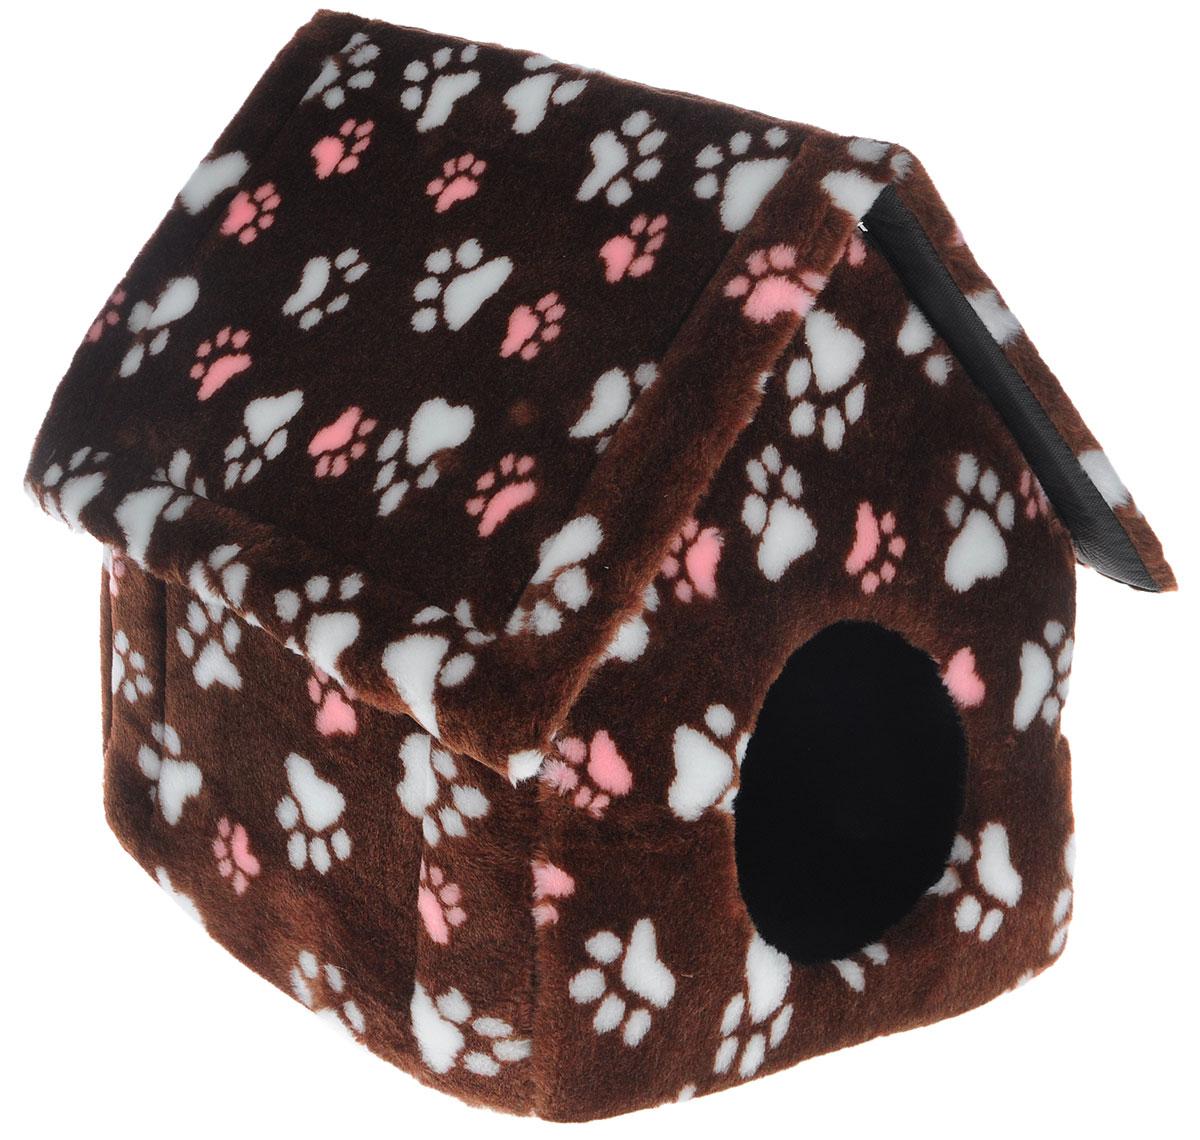 Домик для животных Elite Valley, цвет: коричневый, белый, розовый, 37 х 35 х 45 см0120710Домик Elite Valley непременно станет любимым местом отдыха вашего домашнего животного. Изделие выполнено из искусственного меха и нетканого материала, а наполнитель - из поролона. Такой материал не теряет своей формы долгое время. Внутри имеется мягкая съемная подстилка. Крыша домика крепится при помощи молнии и полностью снимается. В таком домике вашему любимцу будет мягко и тепло. Он подарит вашему питомцу ощущение уюта и уединенности, а также возможность спрятаться. Очень удобен для транспортировки и легко складывается.